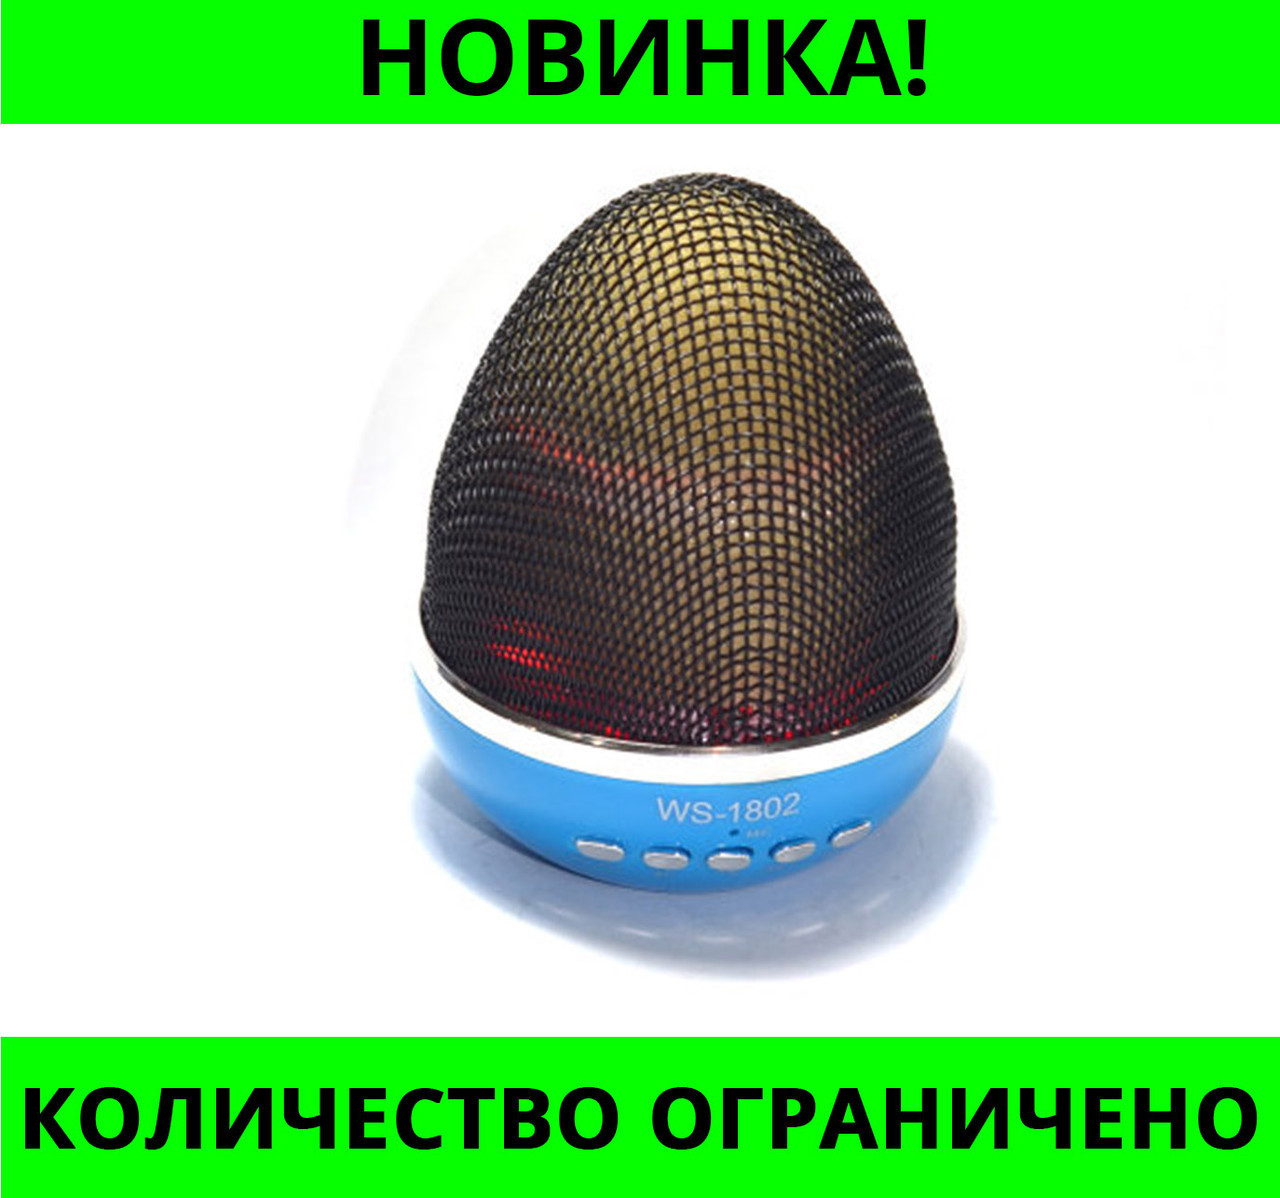 Колонка WSTER WS-1802 яйцо фаберже FM!Розница и Опт